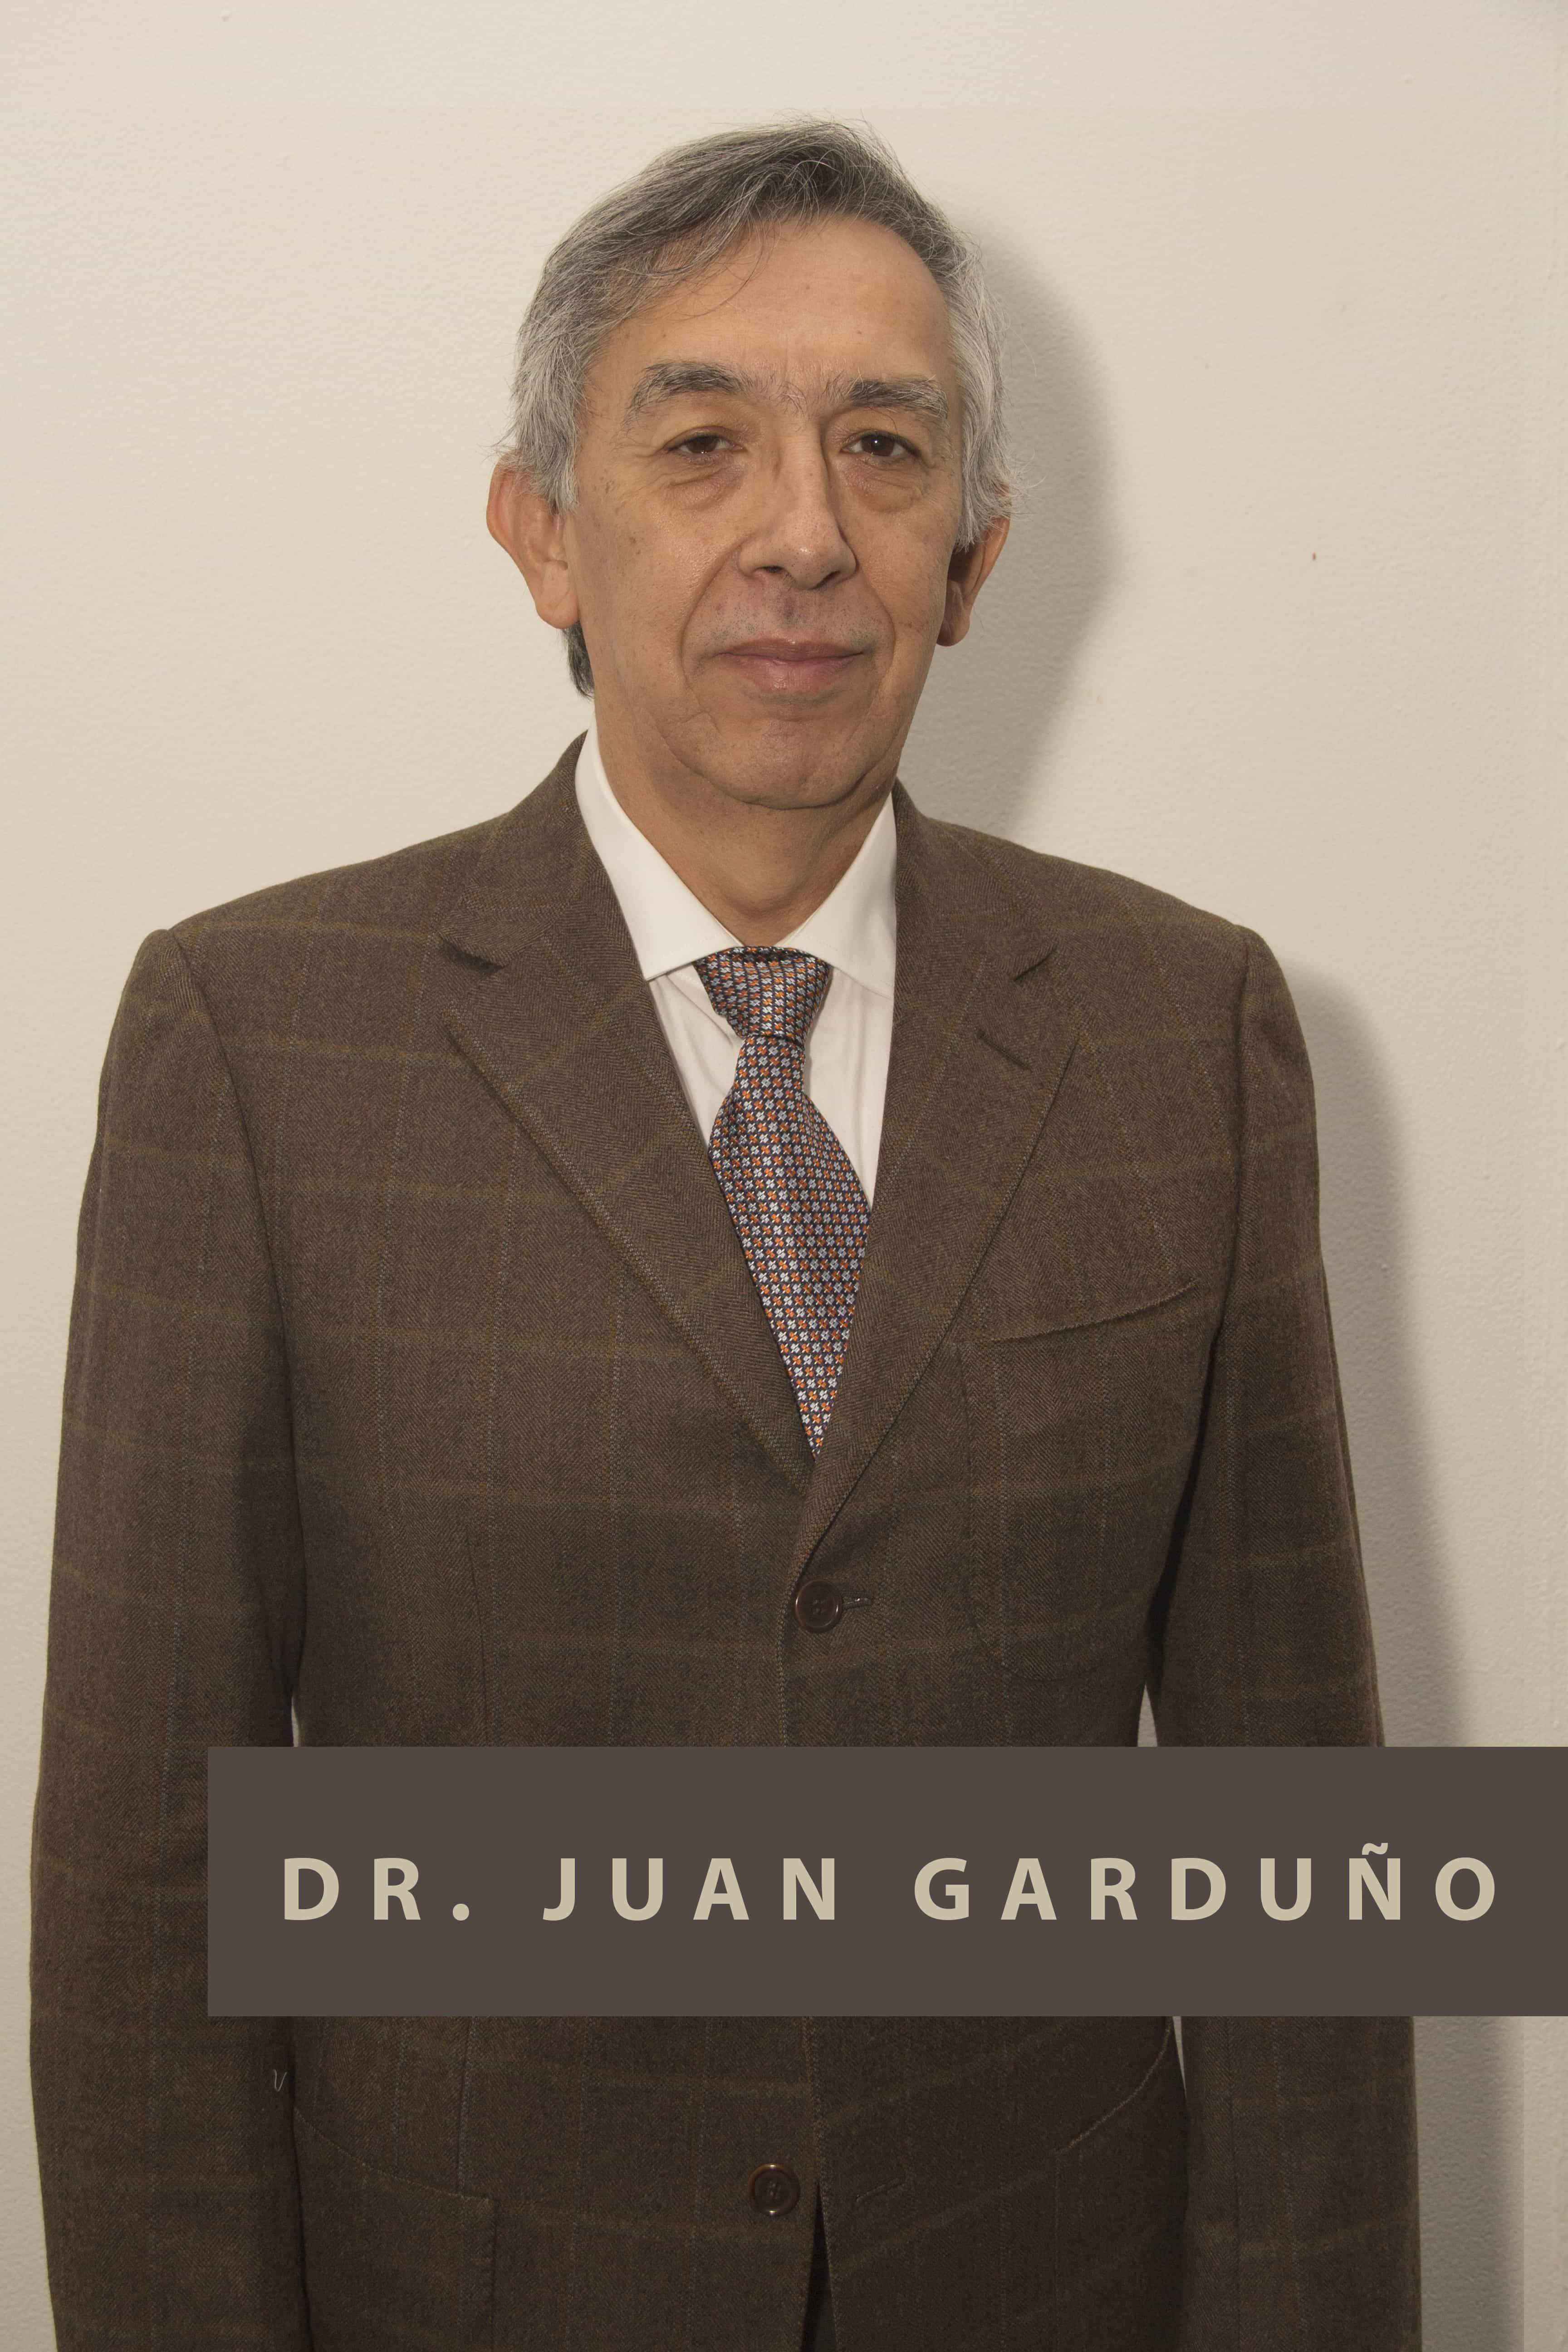 DR Justino